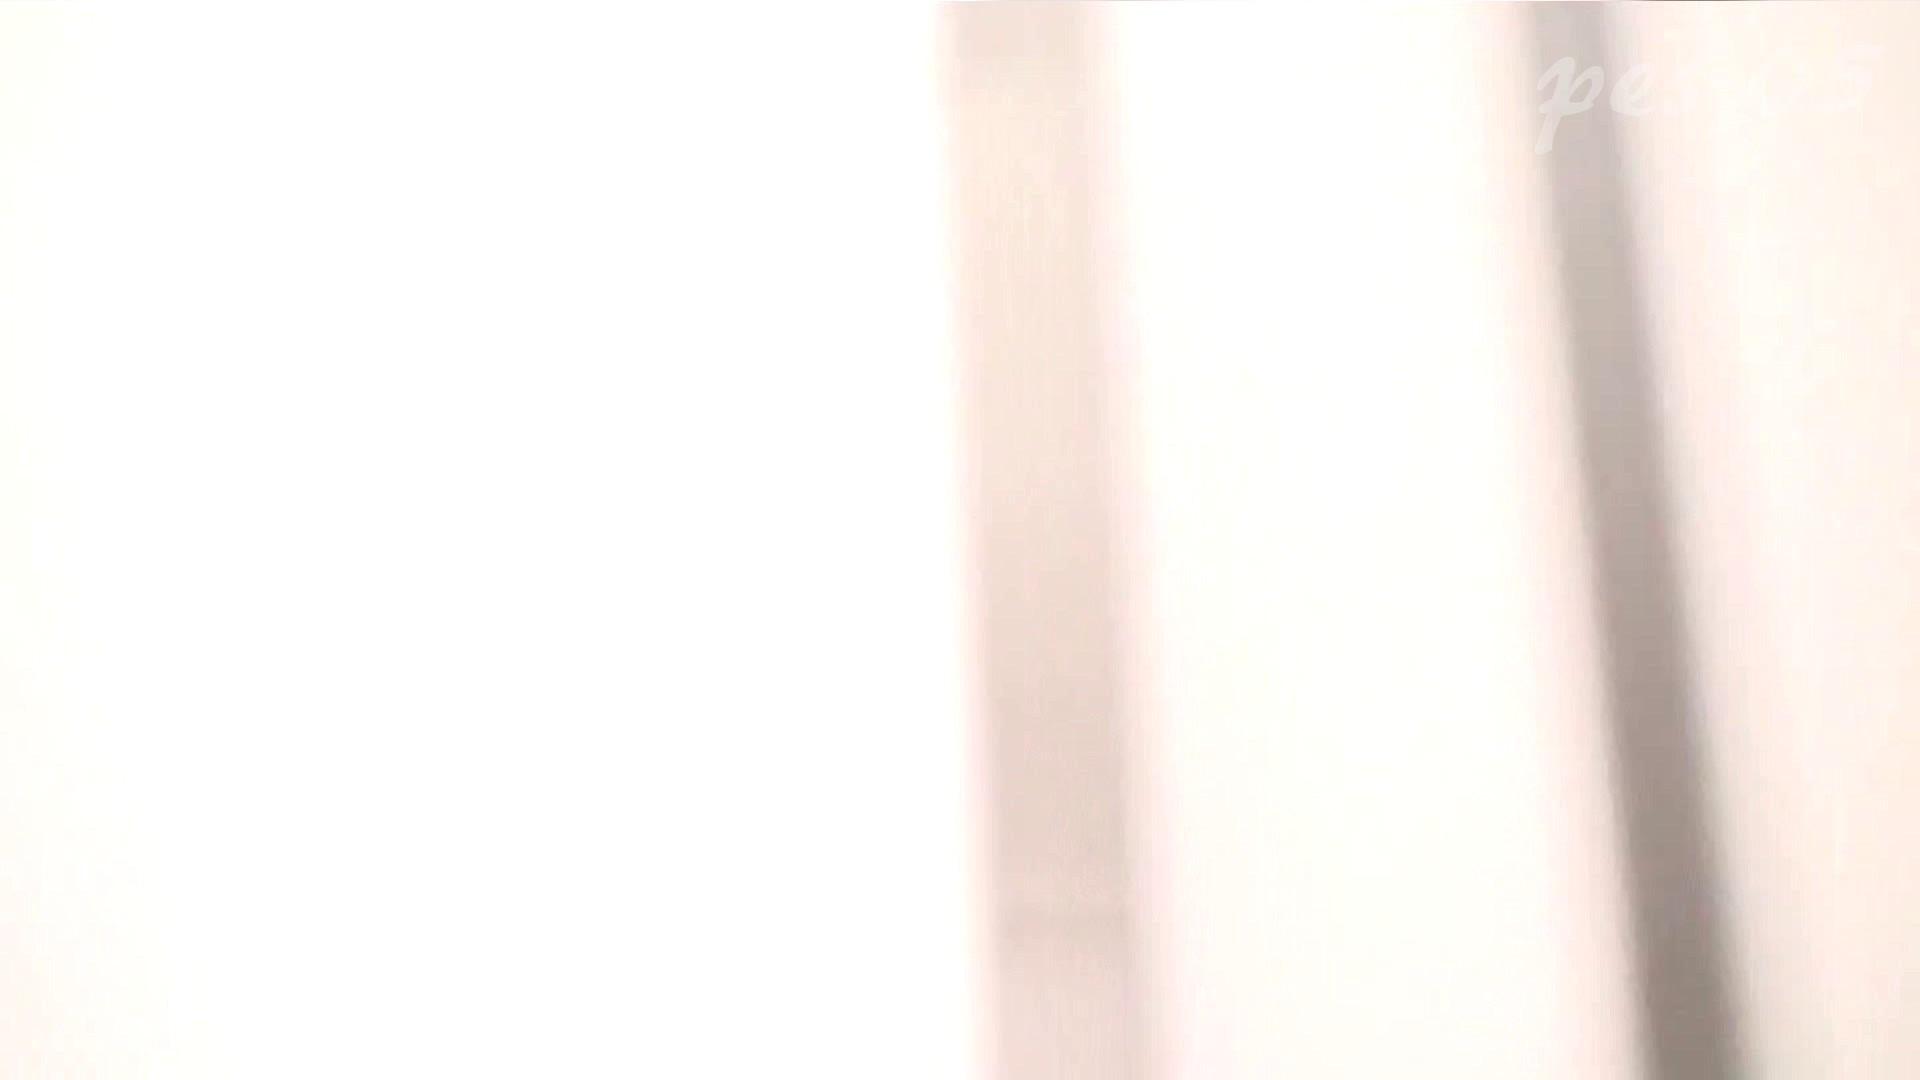 ※100個限定販売 至高下半身盗撮-プレミアム-【体育館編】VOL.5 盗撮・必見 オマンコ無修正動画無料 93画像 38